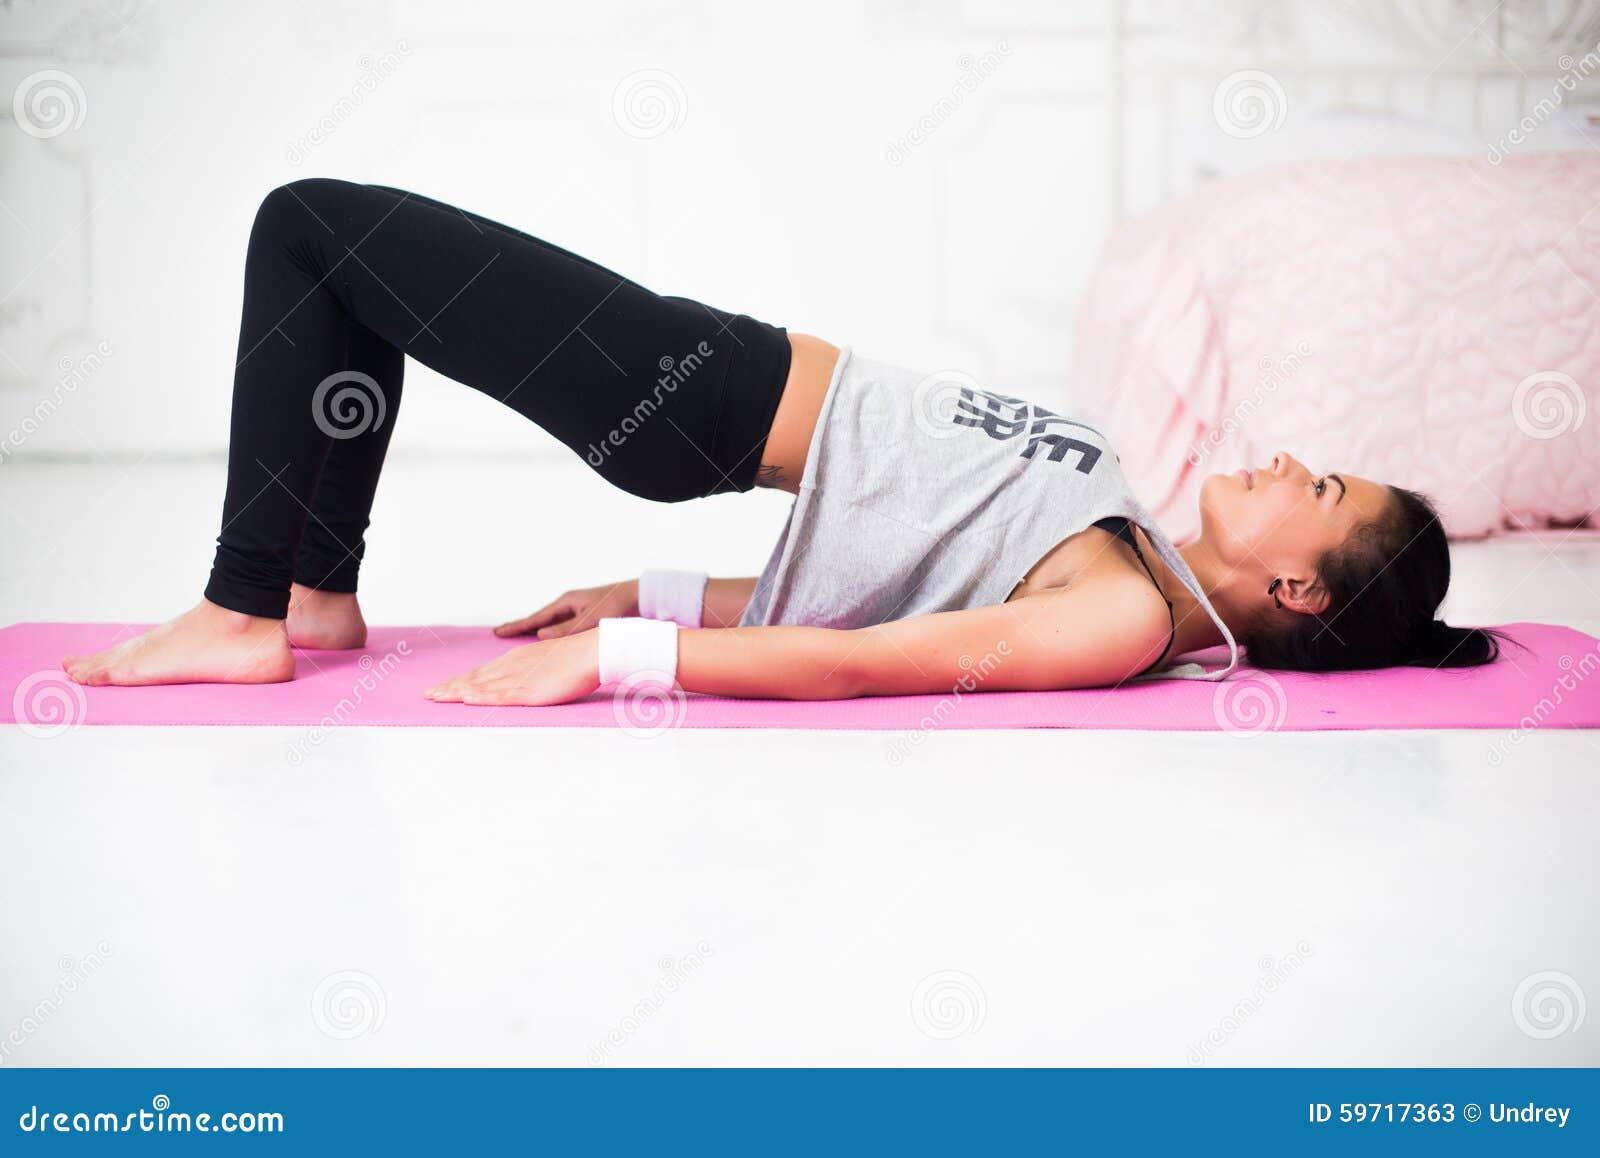 Как делать упражнения кегеля фото